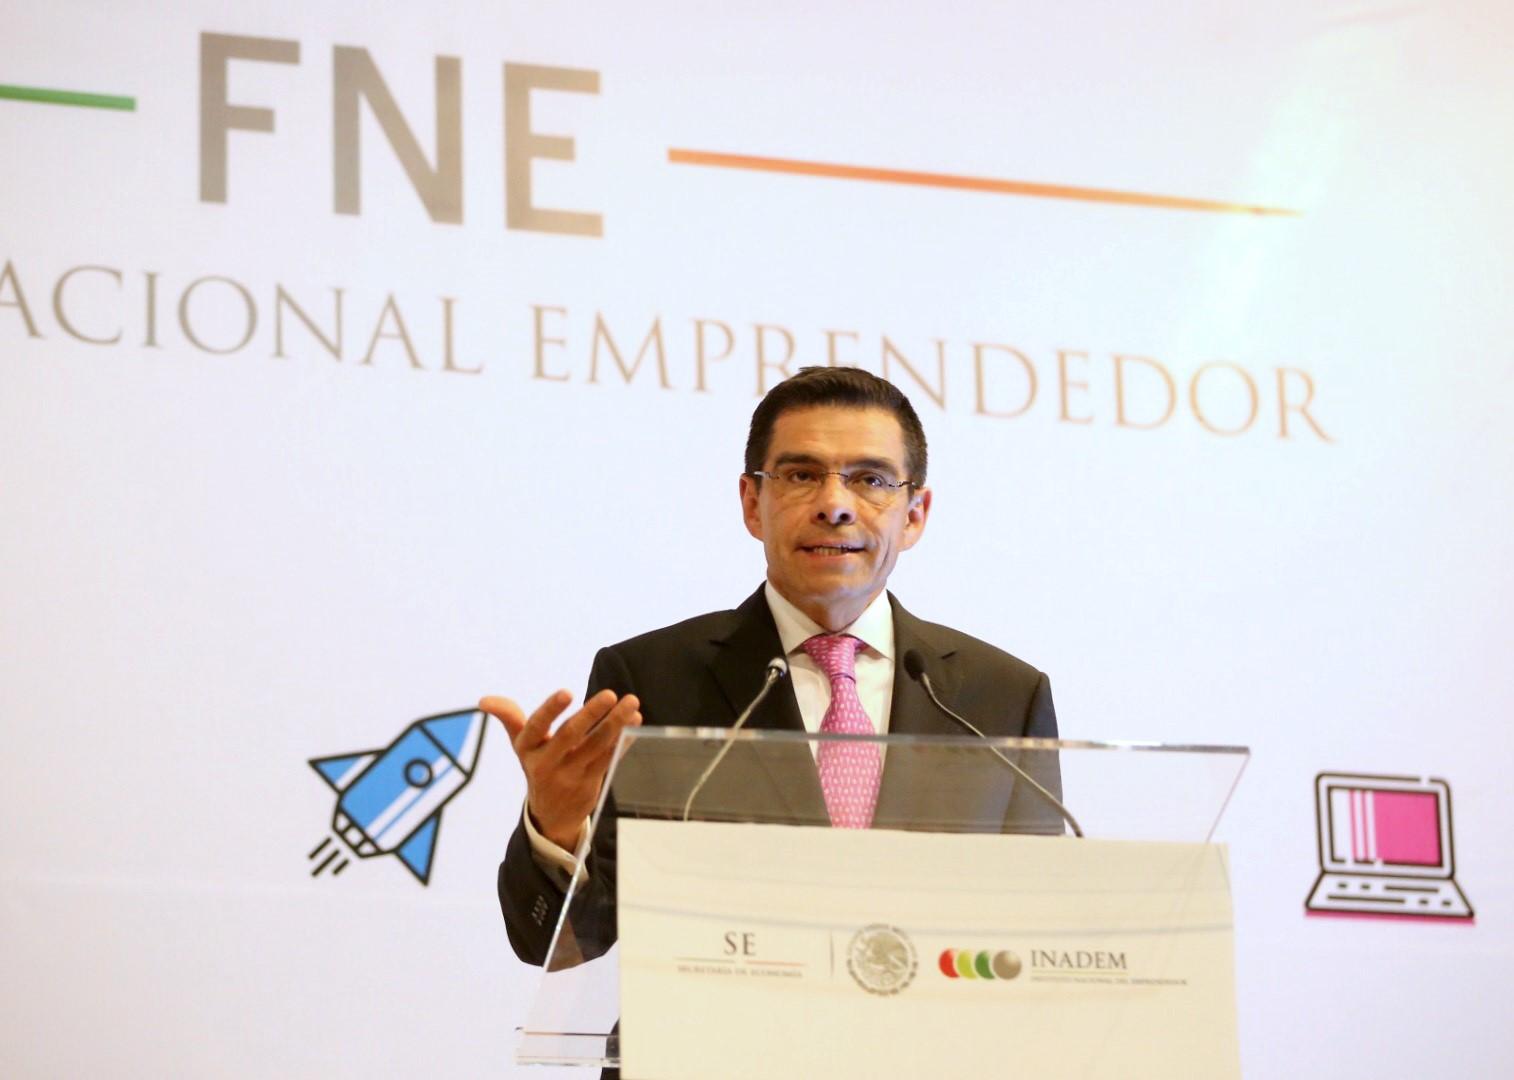 El INADEM presenta el Fondo Nacional Emprendedor 2016